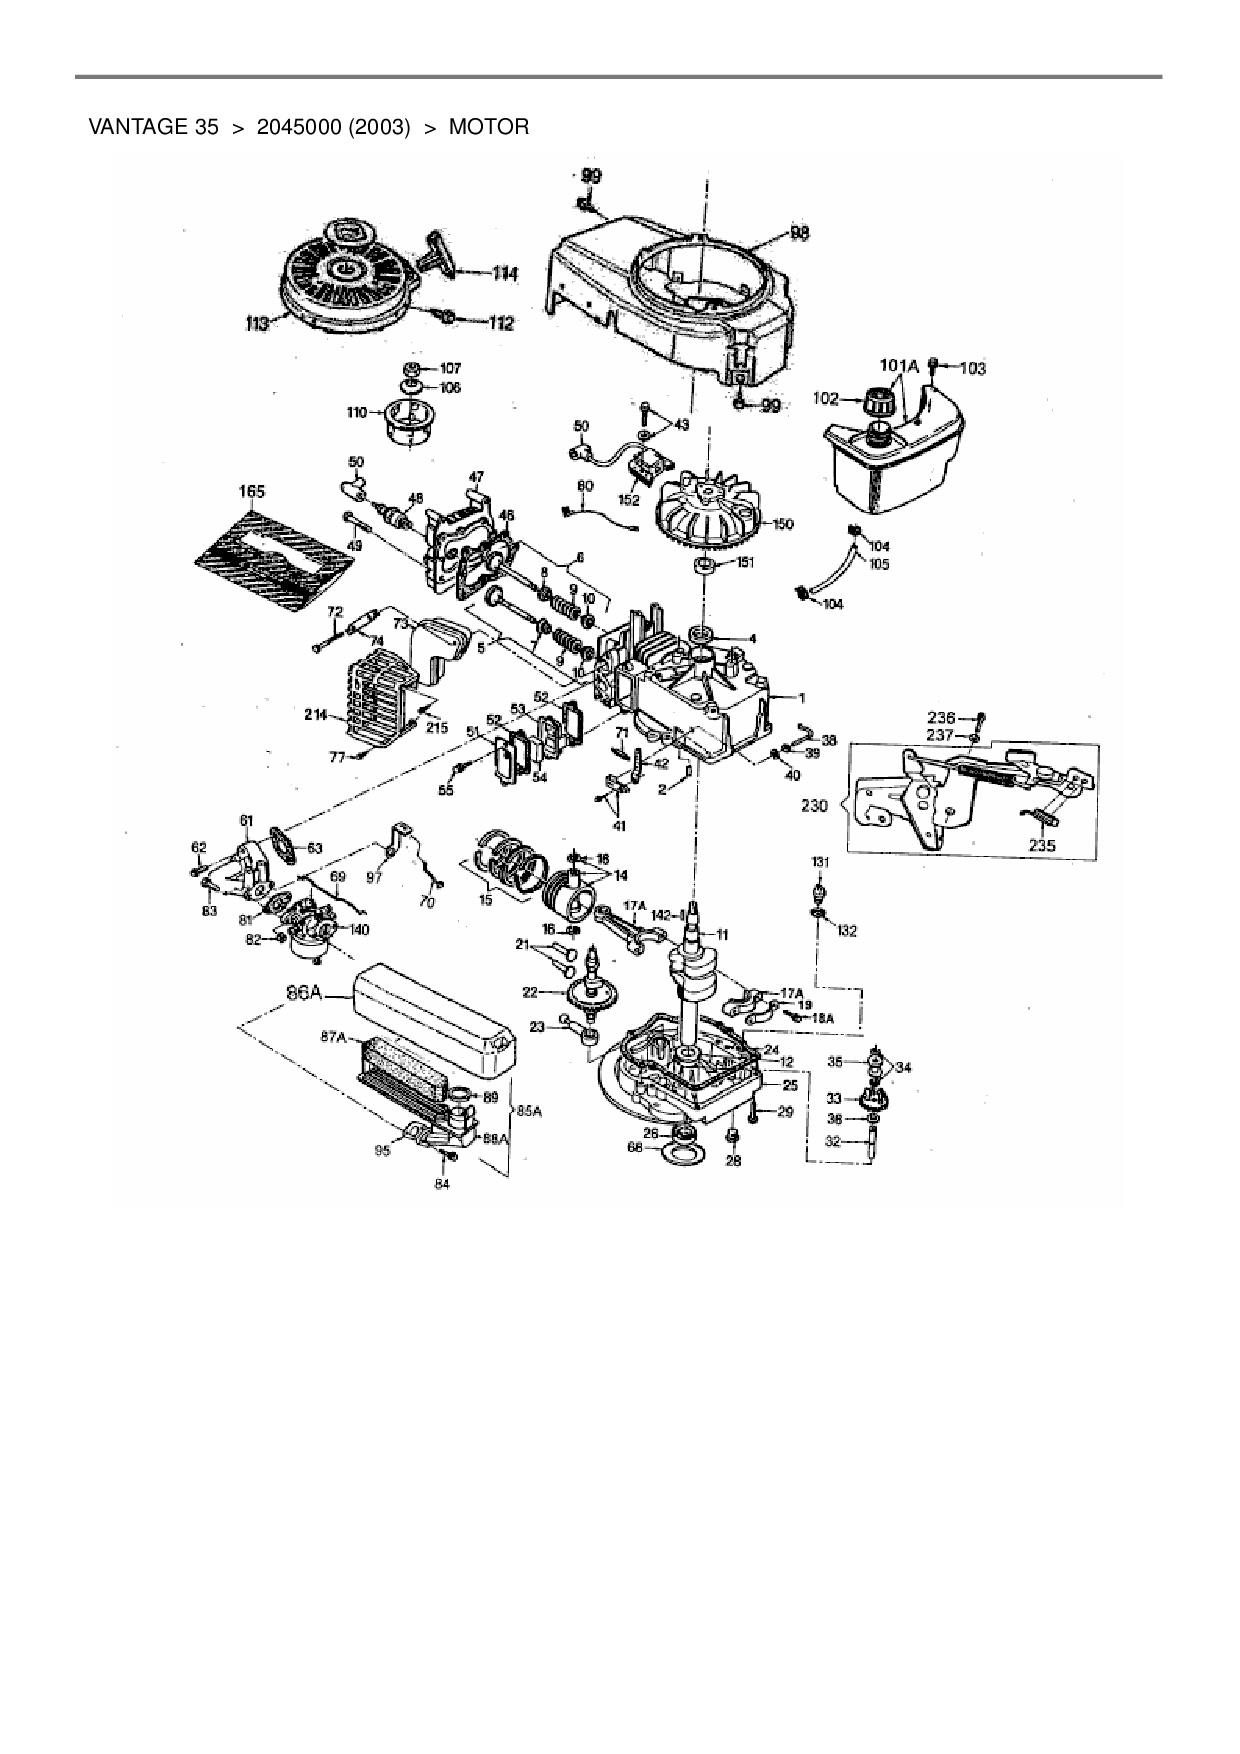 ersatzteile von wolf garten benzinmotor tecumseh vantage. Black Bedroom Furniture Sets. Home Design Ideas